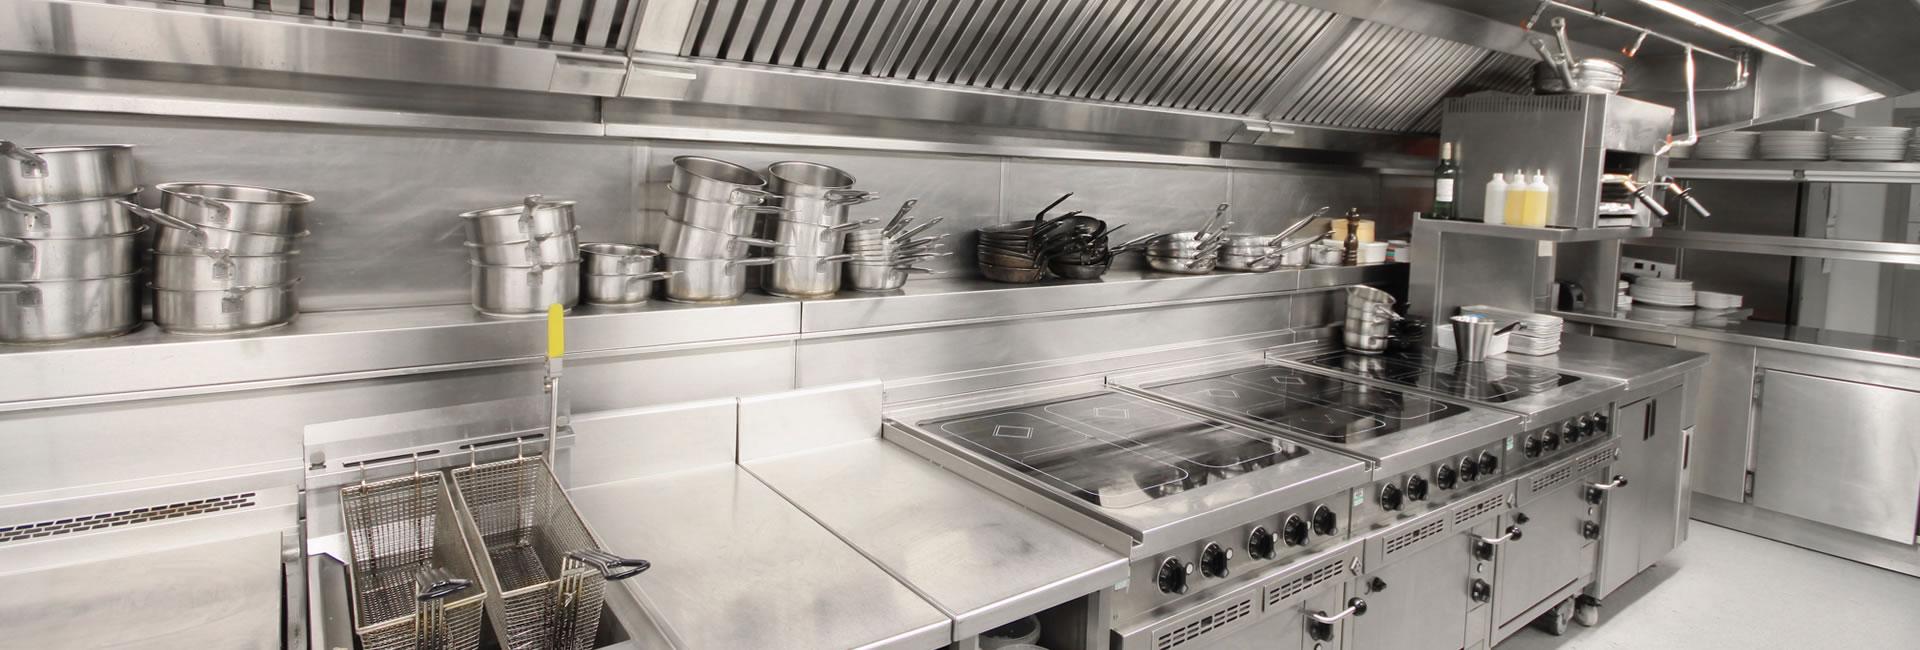 Productes per a cuines